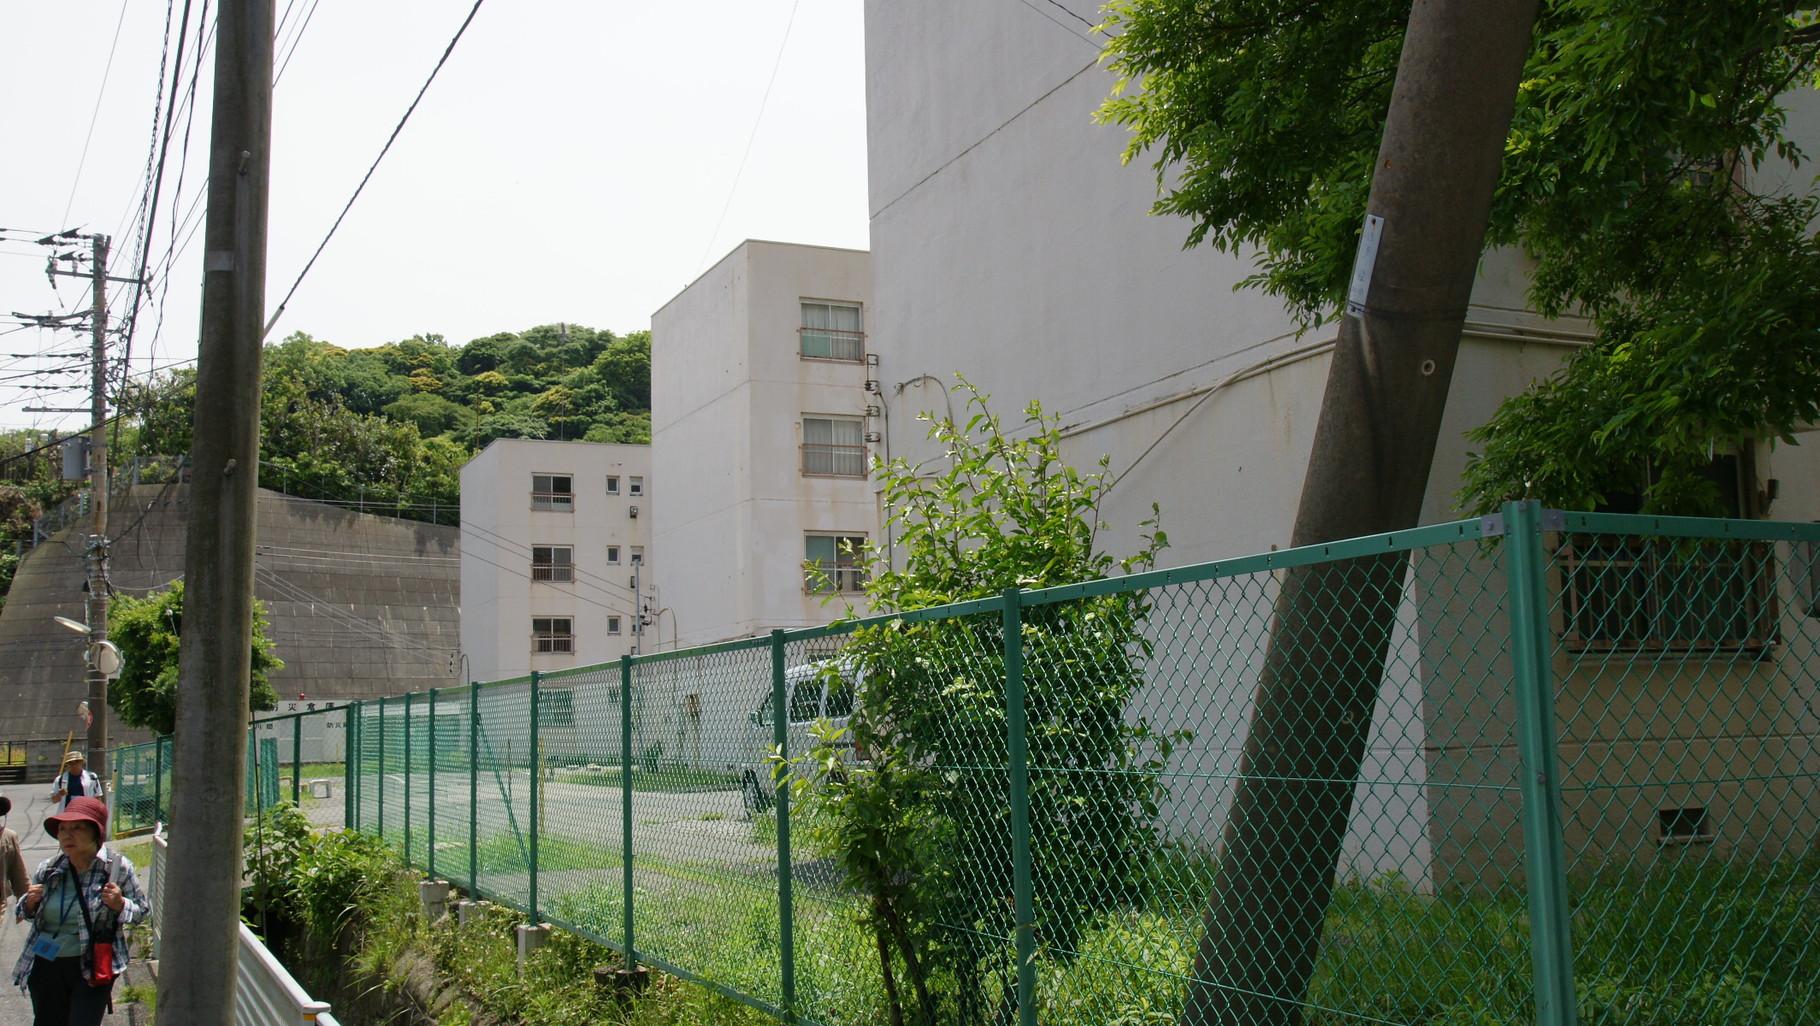 今は住宅が建っているが、住んでいる人はいない、広大な土地となっている。